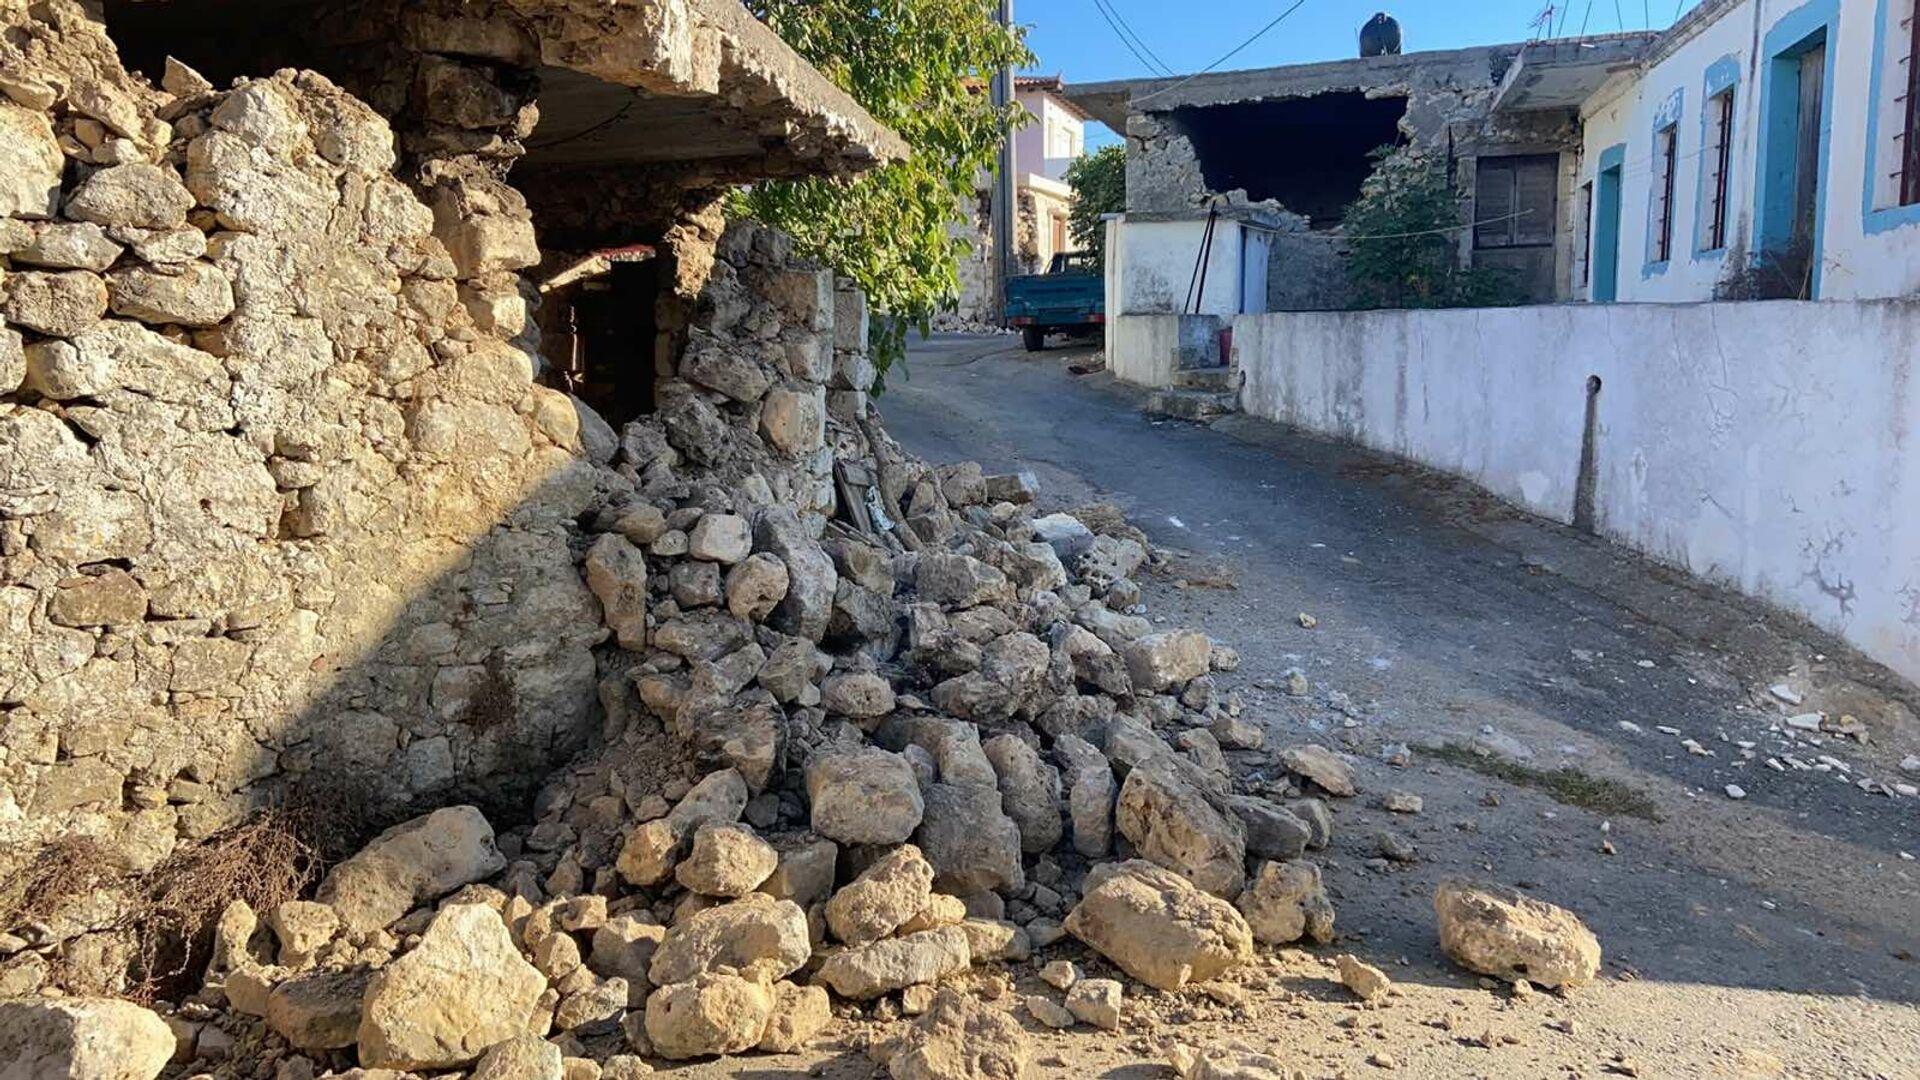 Ερείπια στο Aρχοντικό Κρήτης μετά τον φονικό σεισμό - Sputnik Ελλάδα, 1920, 27.09.2021